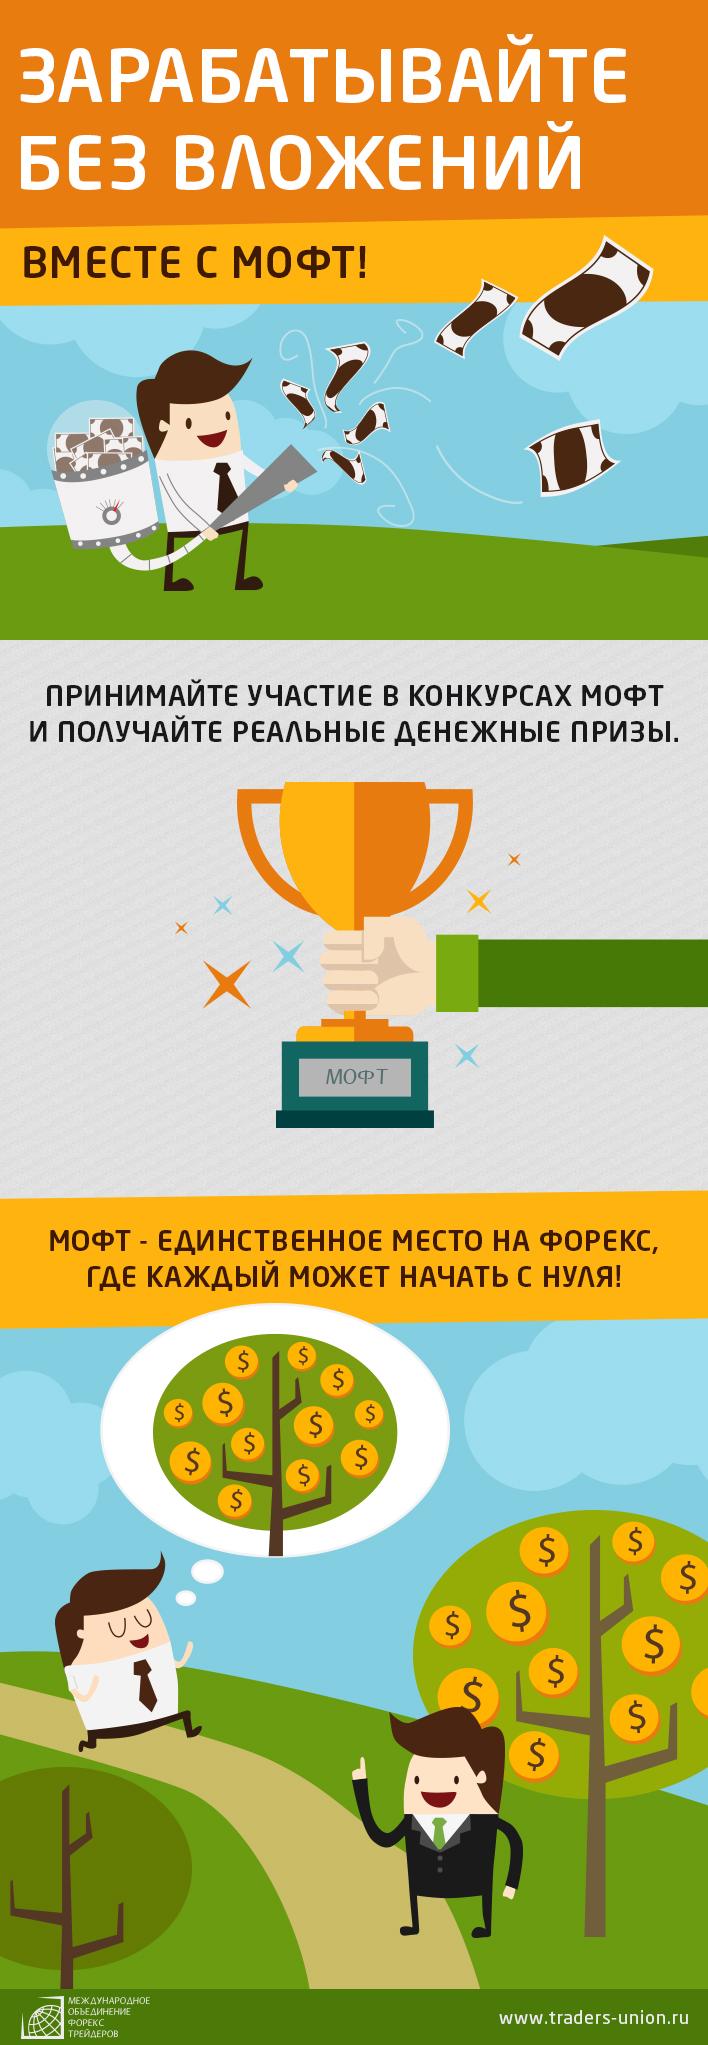 Конкурсы МОФТ